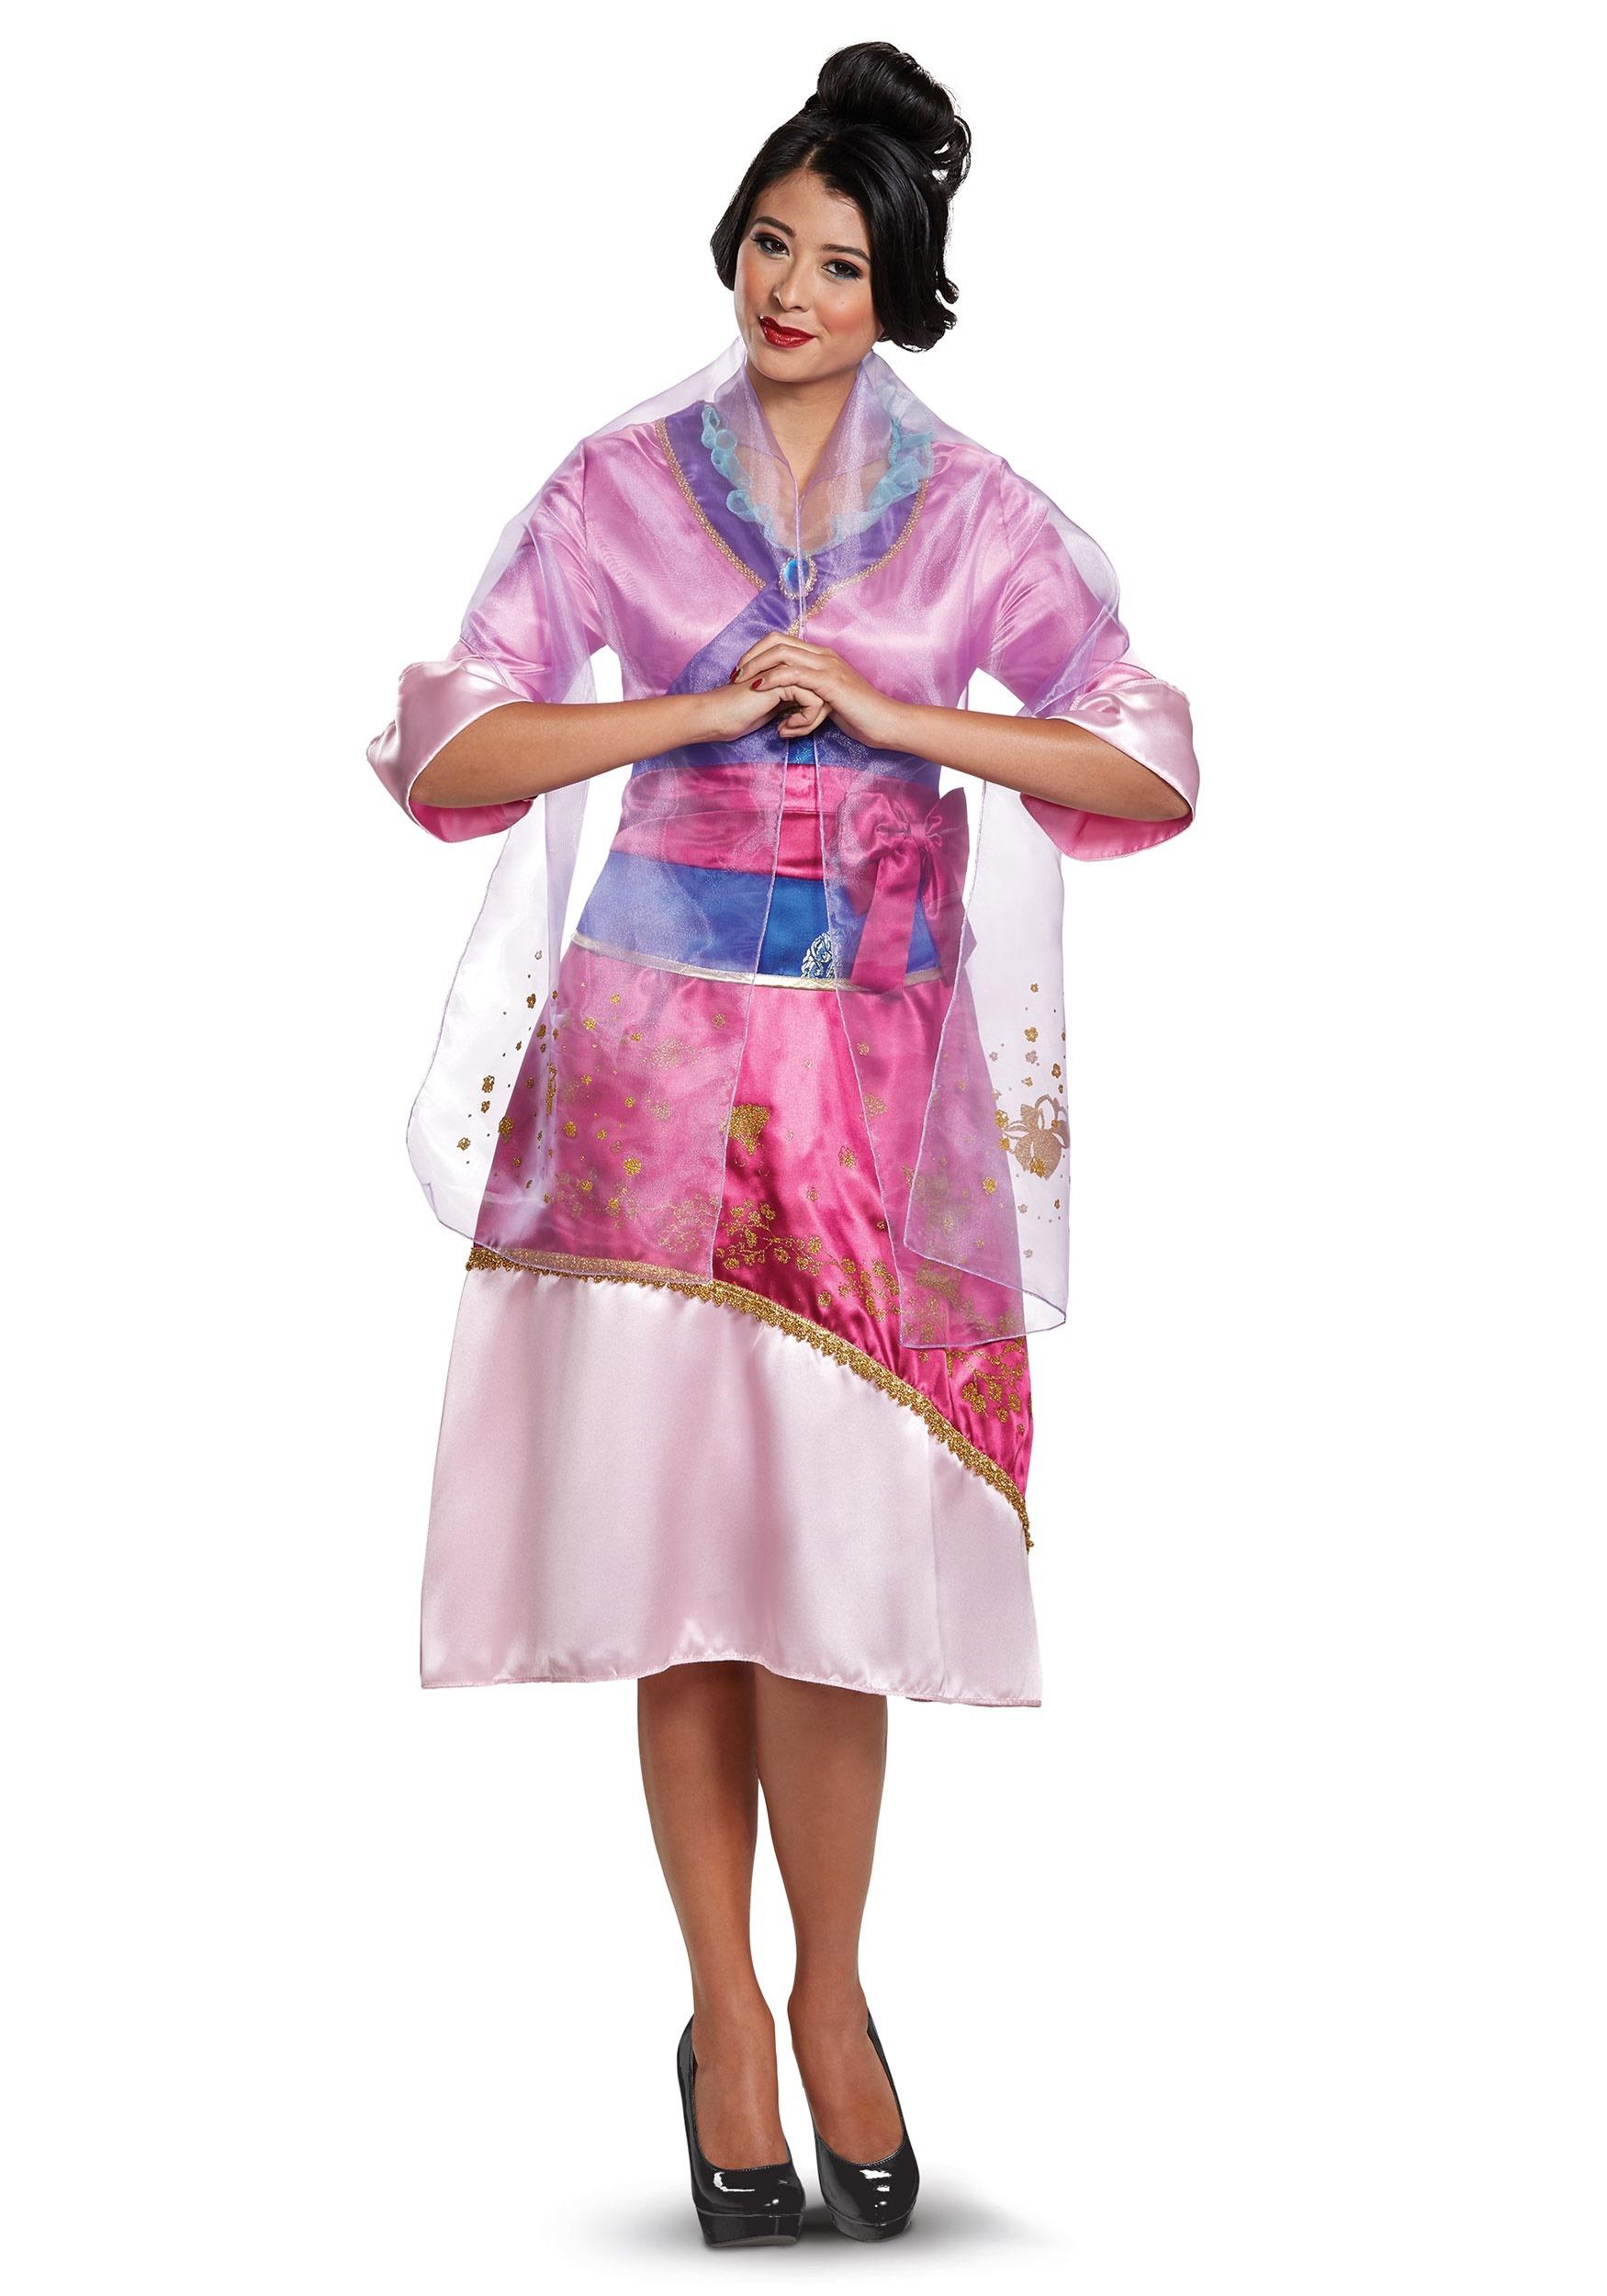 Disney Mulan Deluxe Costume for Women